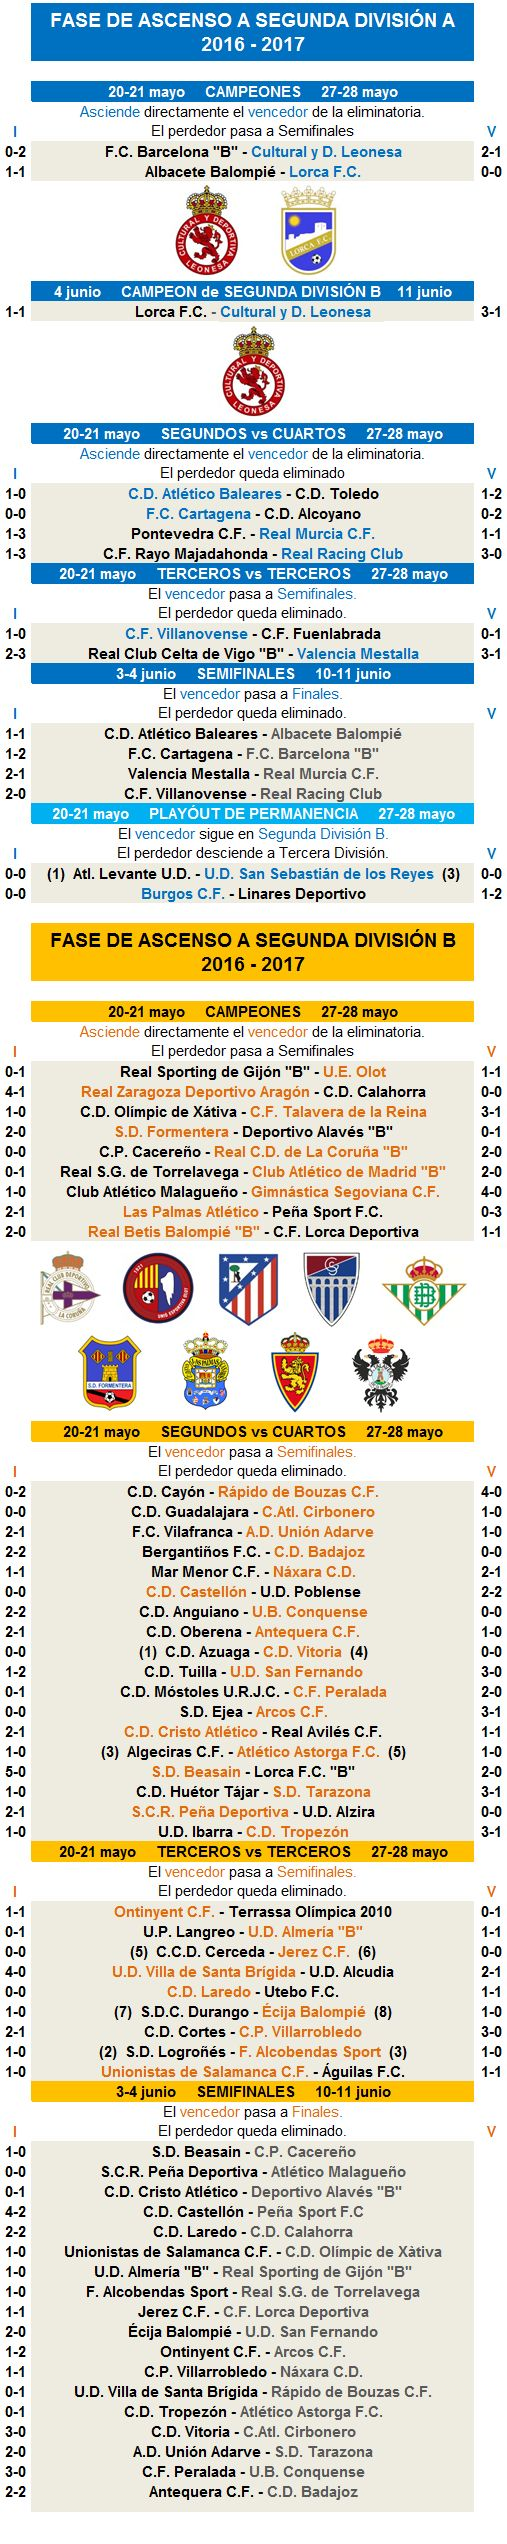 Promocion ascenso Segunda A Segunda B 2016-2017 jornada 3a2